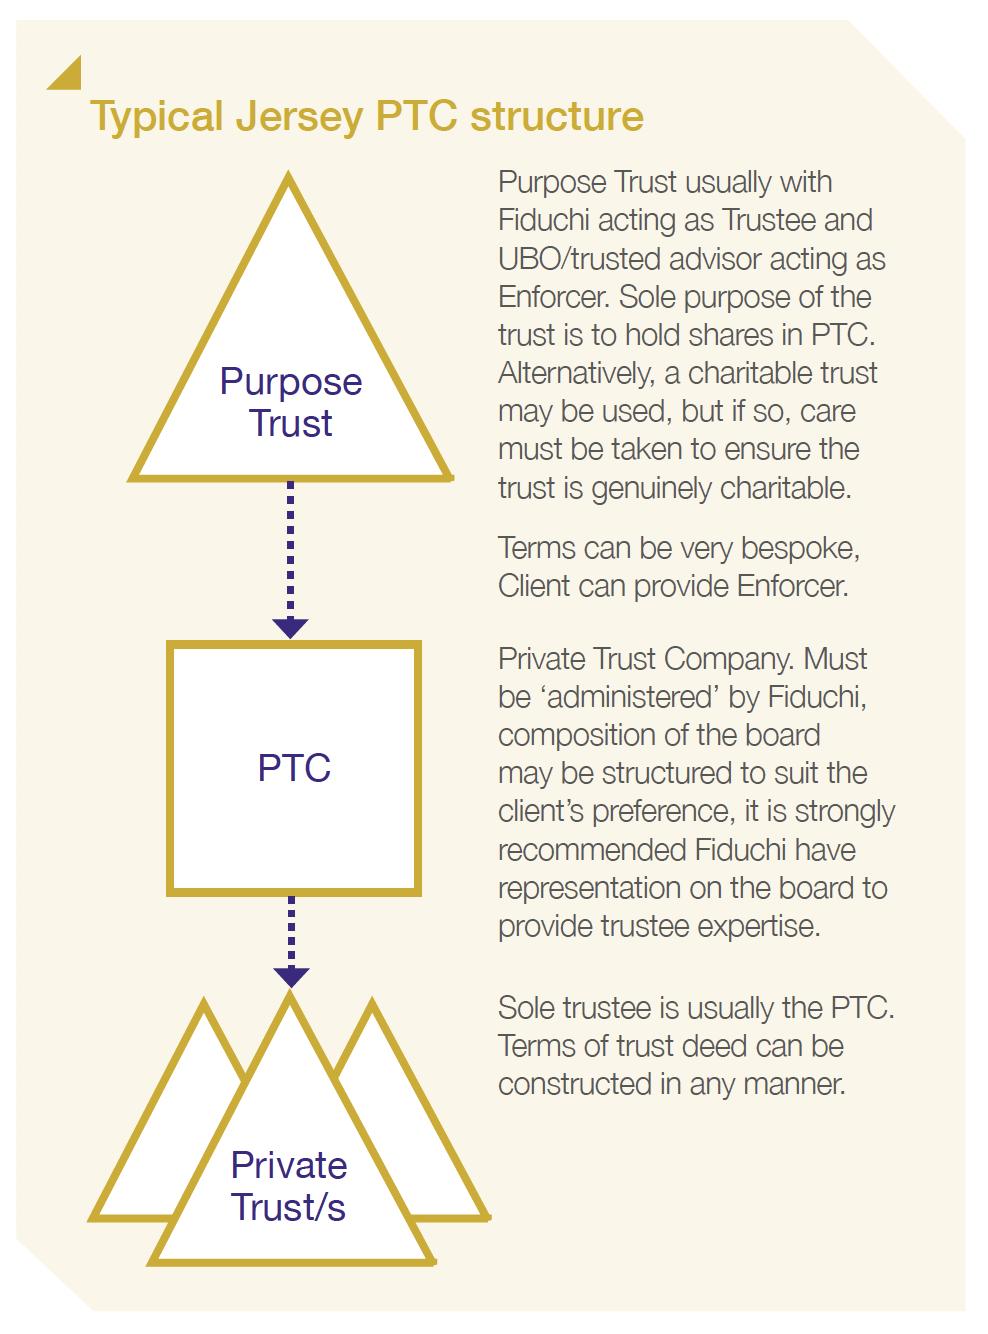 Estrutura típica do PTC de Jersey